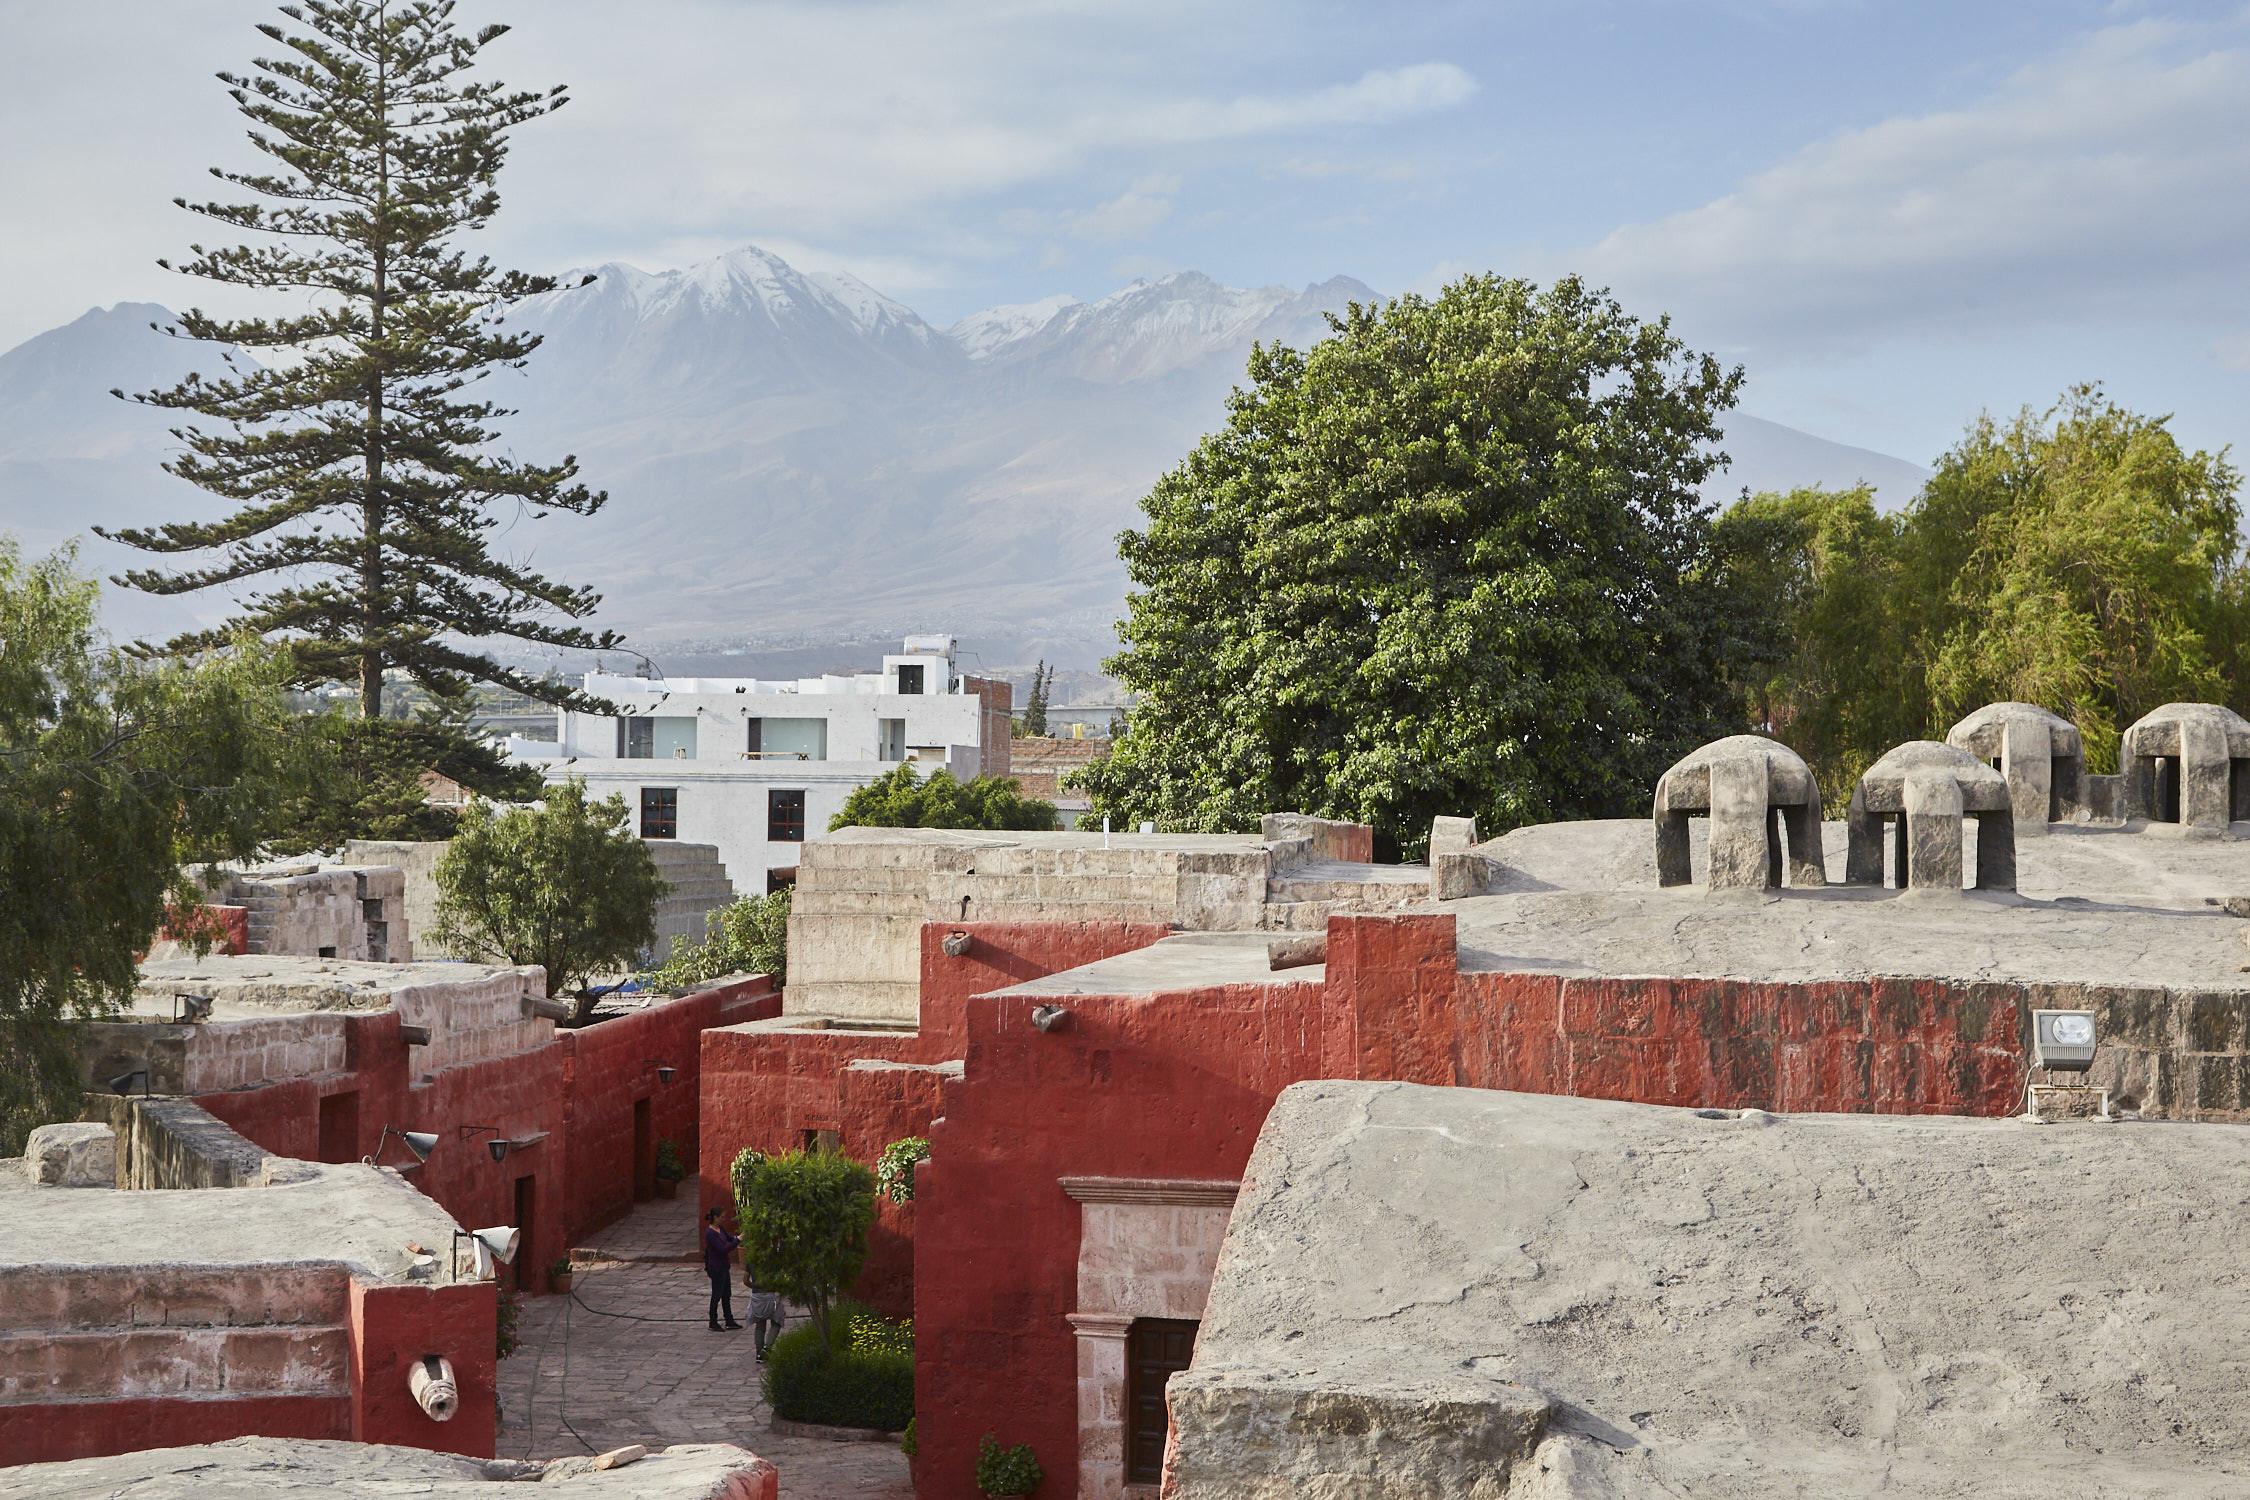 Aussicht vom Kloster Santa Catalina in Arequipa, Peru, Ausblick über die Dächer des Klosters auf die Berge und Vulkane im Hintergrund der Stadt